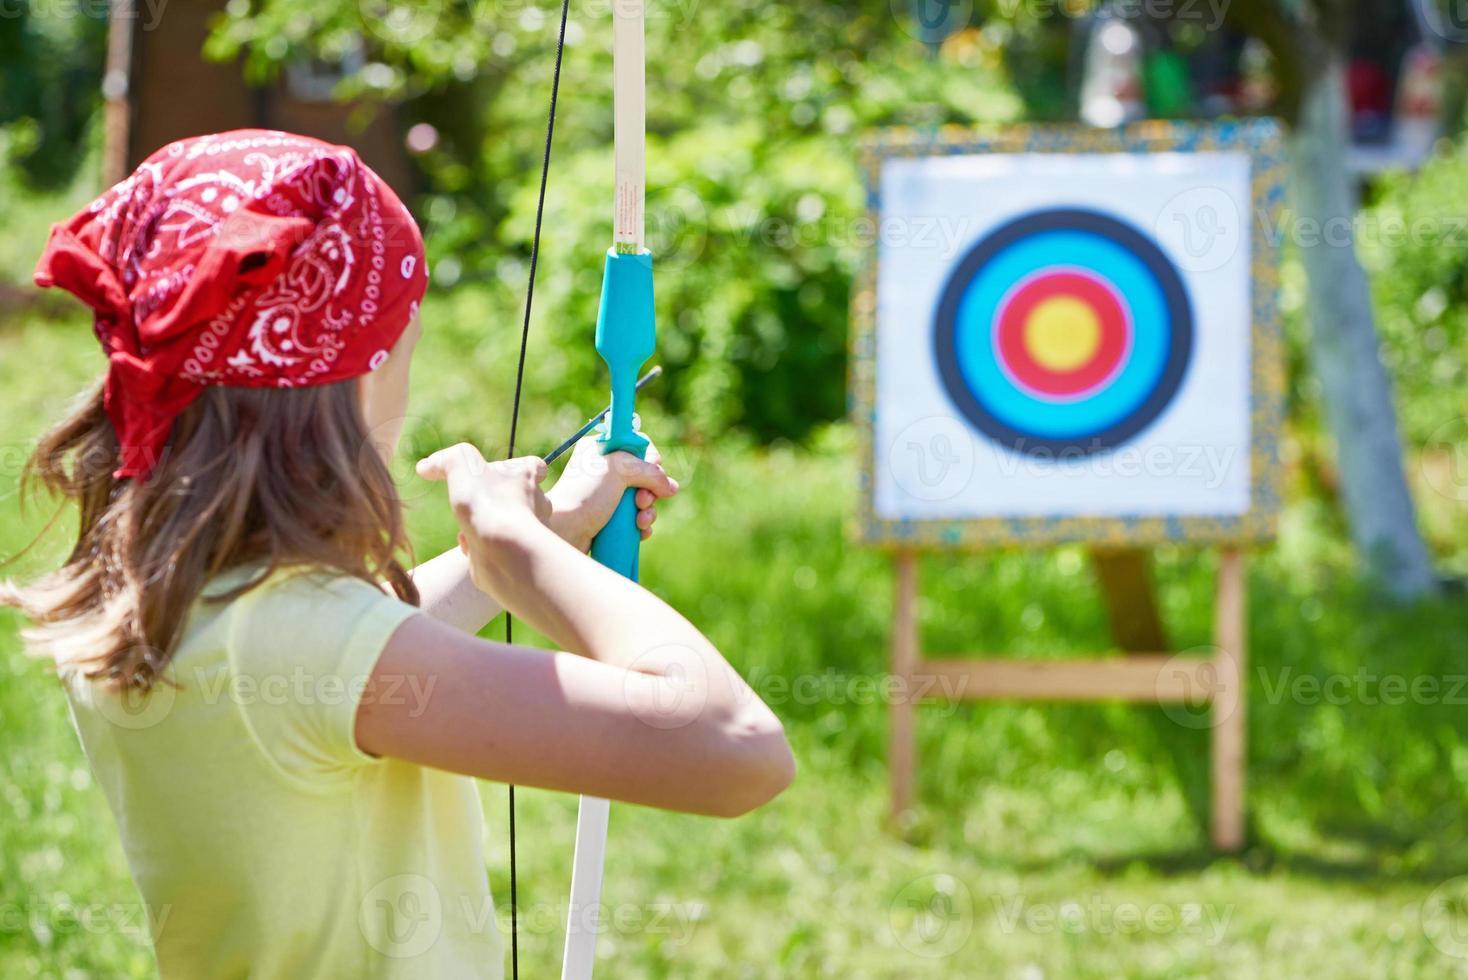 chica con tiro con arco al objetivo deportivo foto